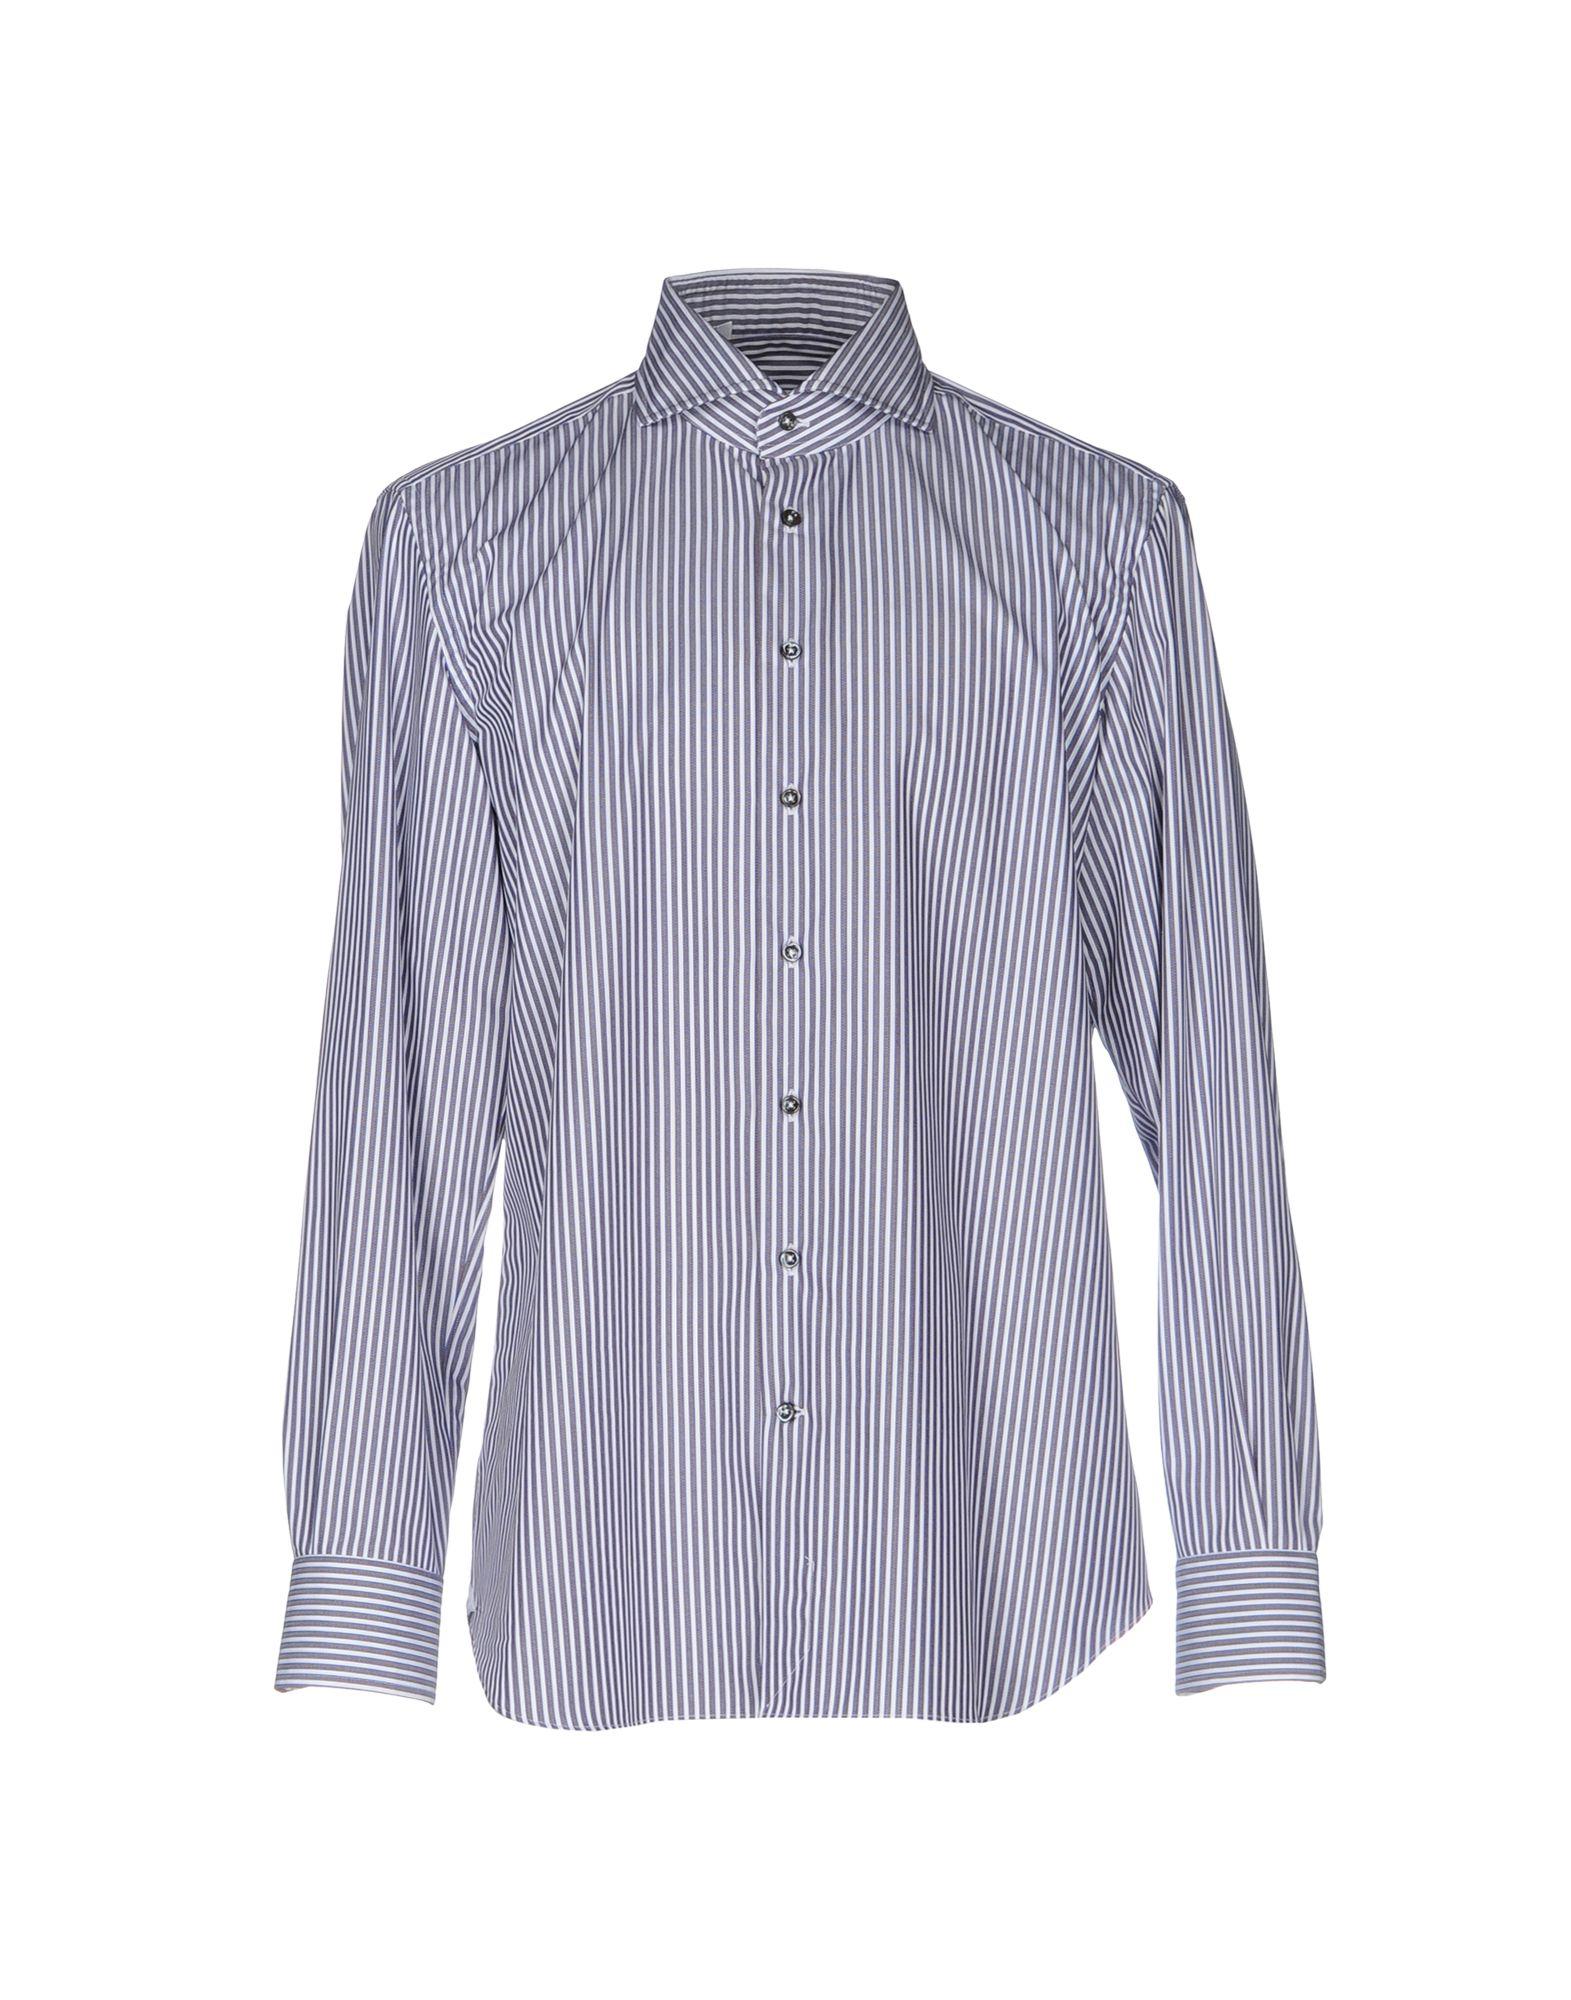 《期間限定セール中》EMANUELE MAFFEIS メンズ シャツ ダークブラウン 43 コットン 100%